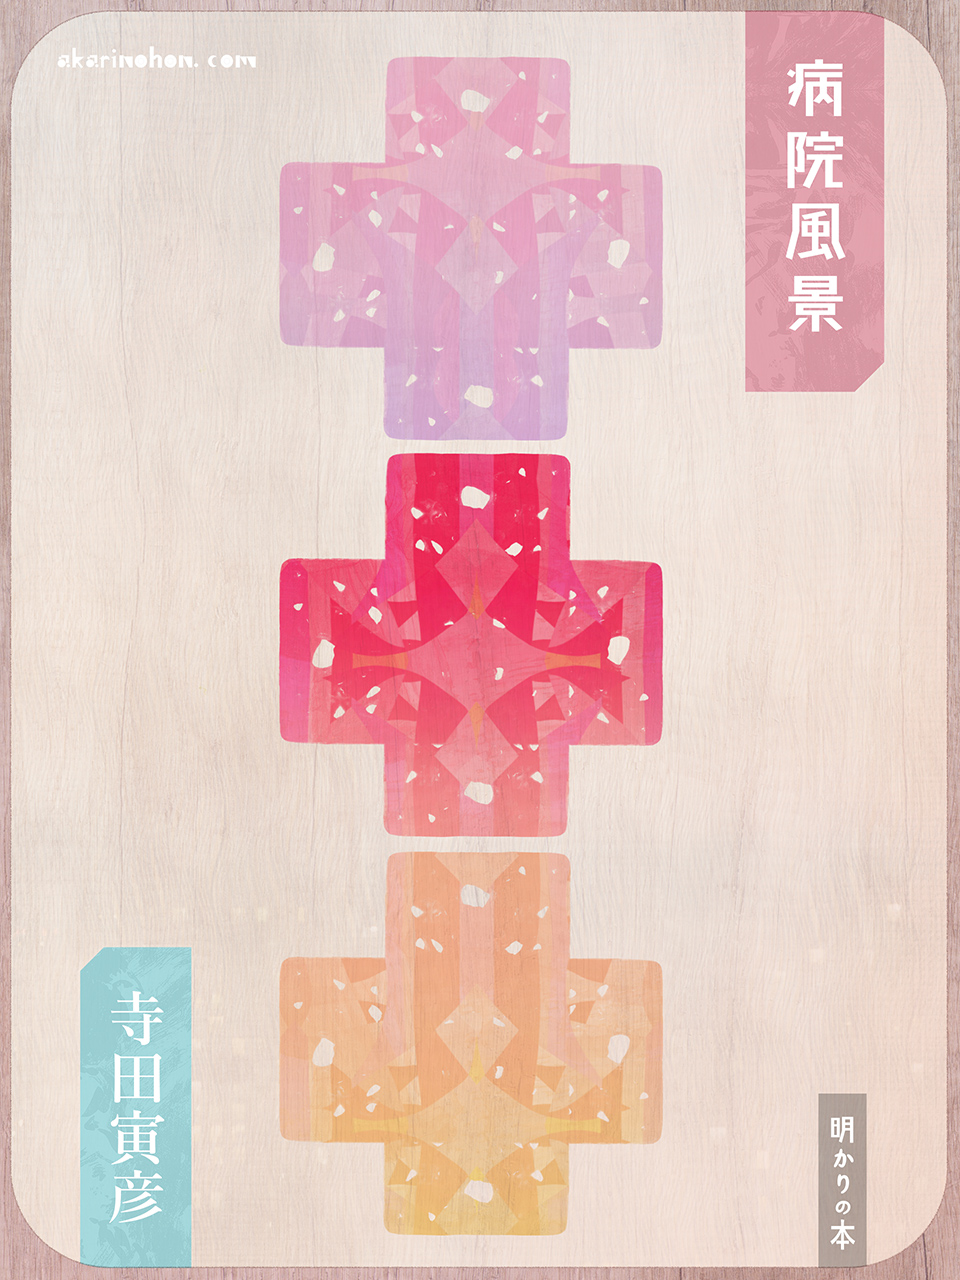 0000 - 病院風景 寺田寅彦